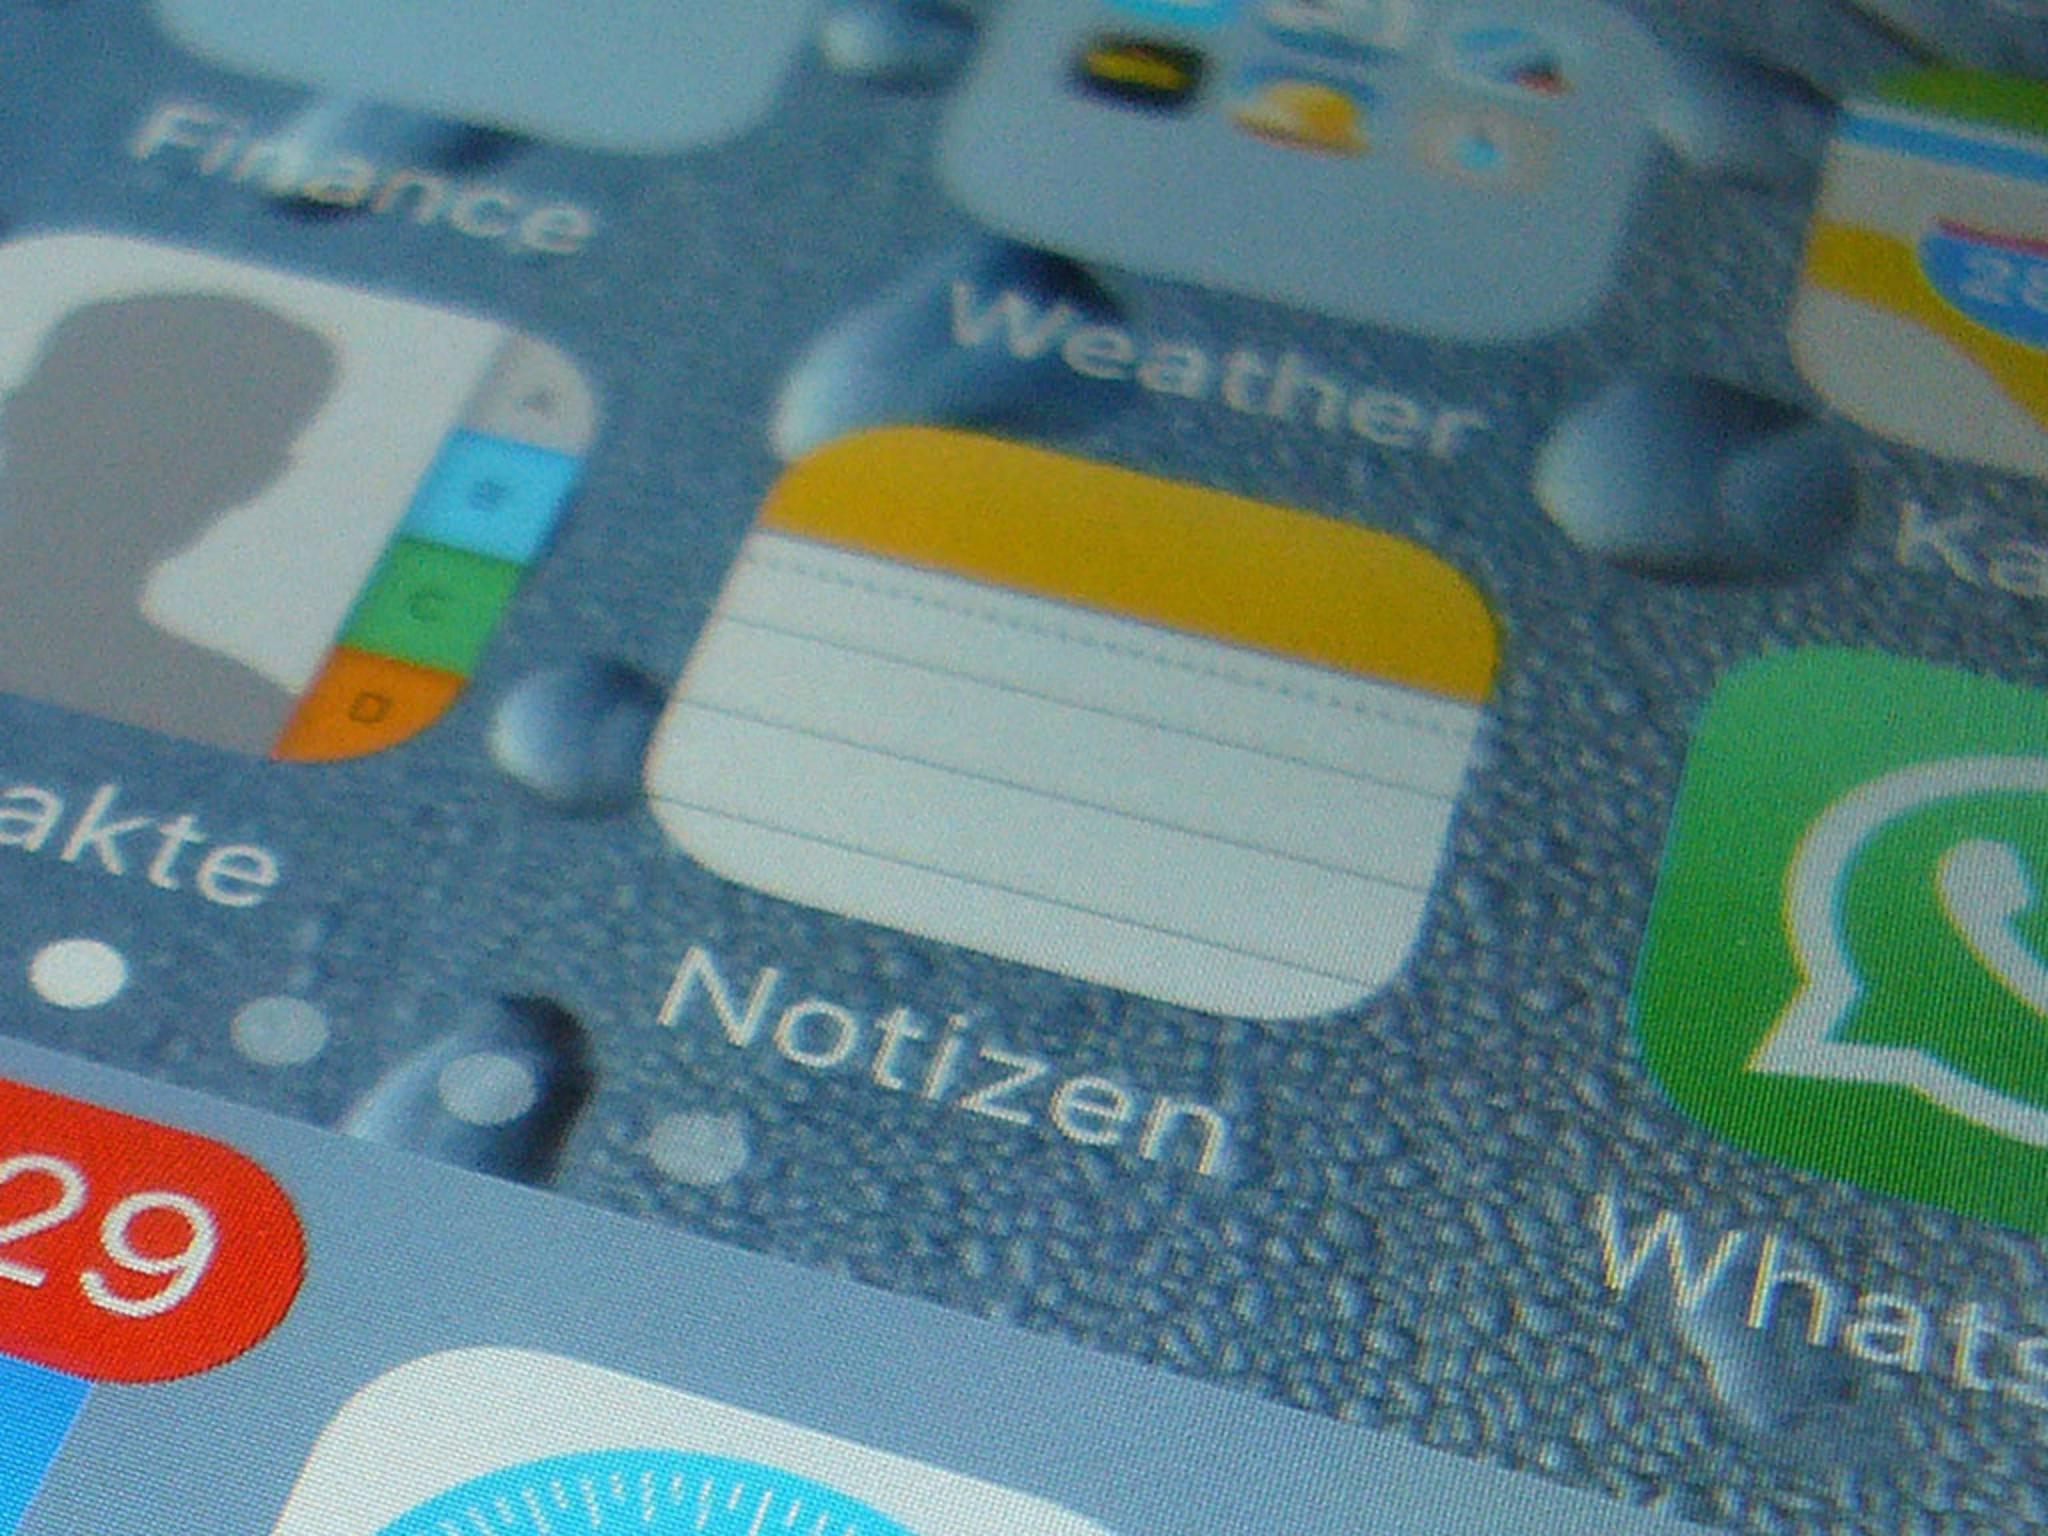 Mit iOS 9.3 kannst Du Deine Notizen sichern.